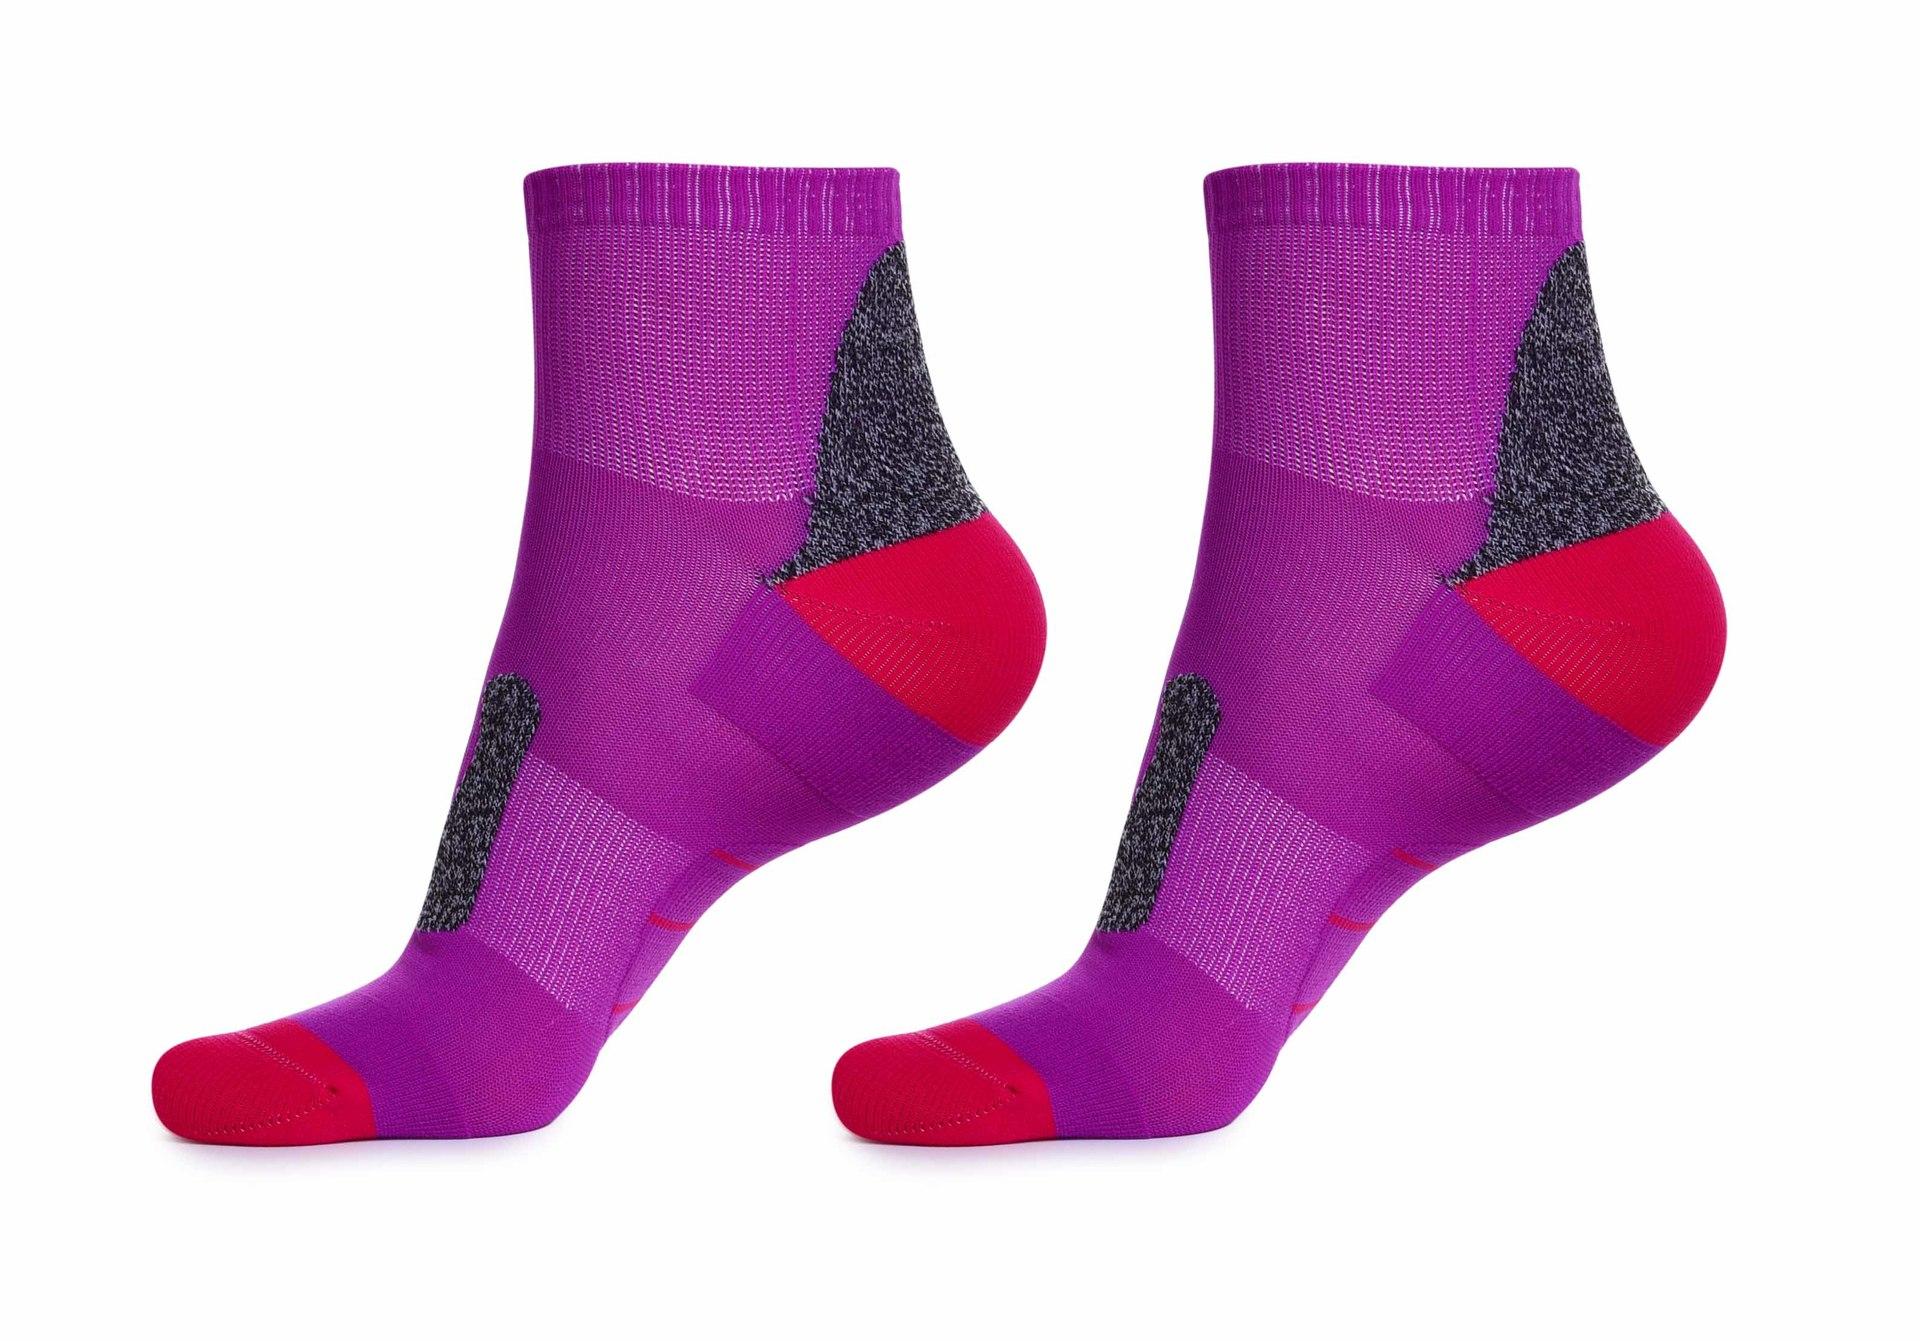 ŠPORTOVÉ ponožky pohodlné fialovo-červeno-šedé vel 42-46